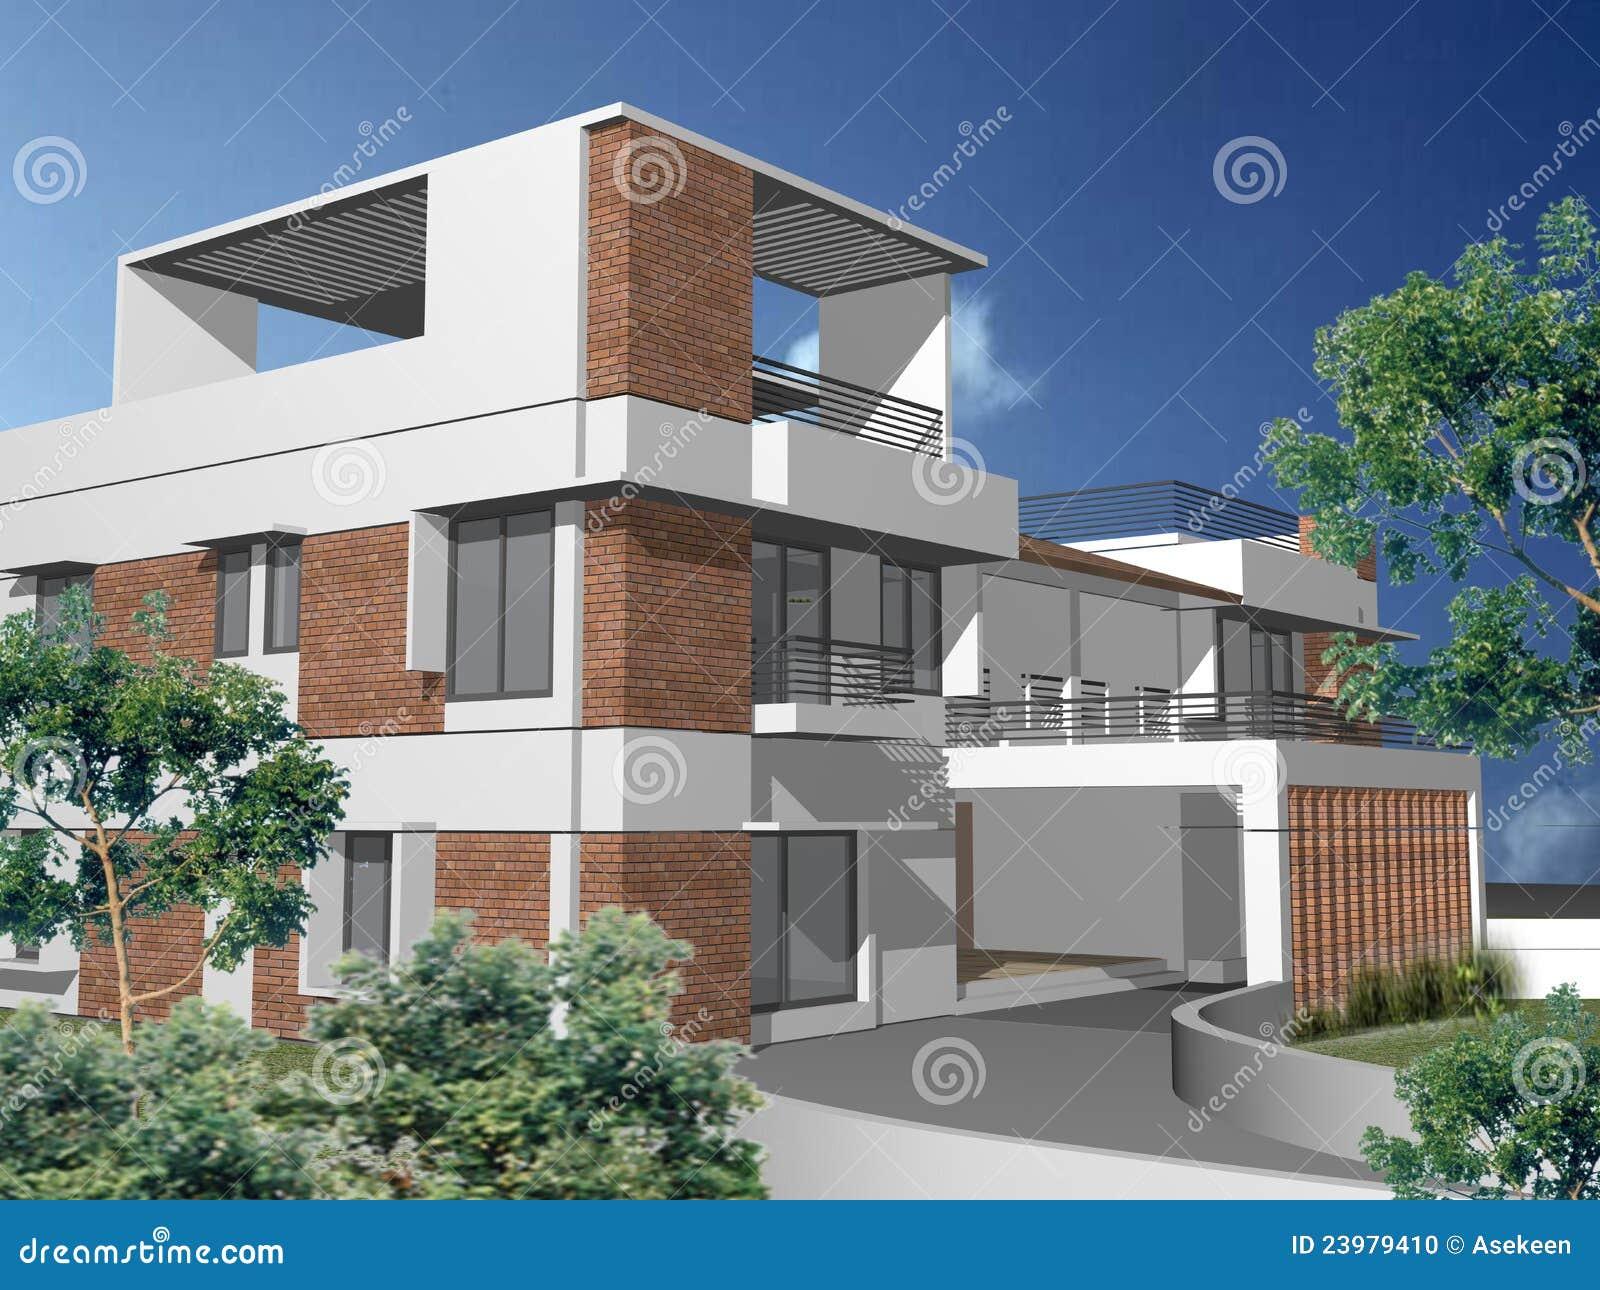 Maison 3d Duplex Photo Stock Image Du Propri 233 T 233 Invit 233